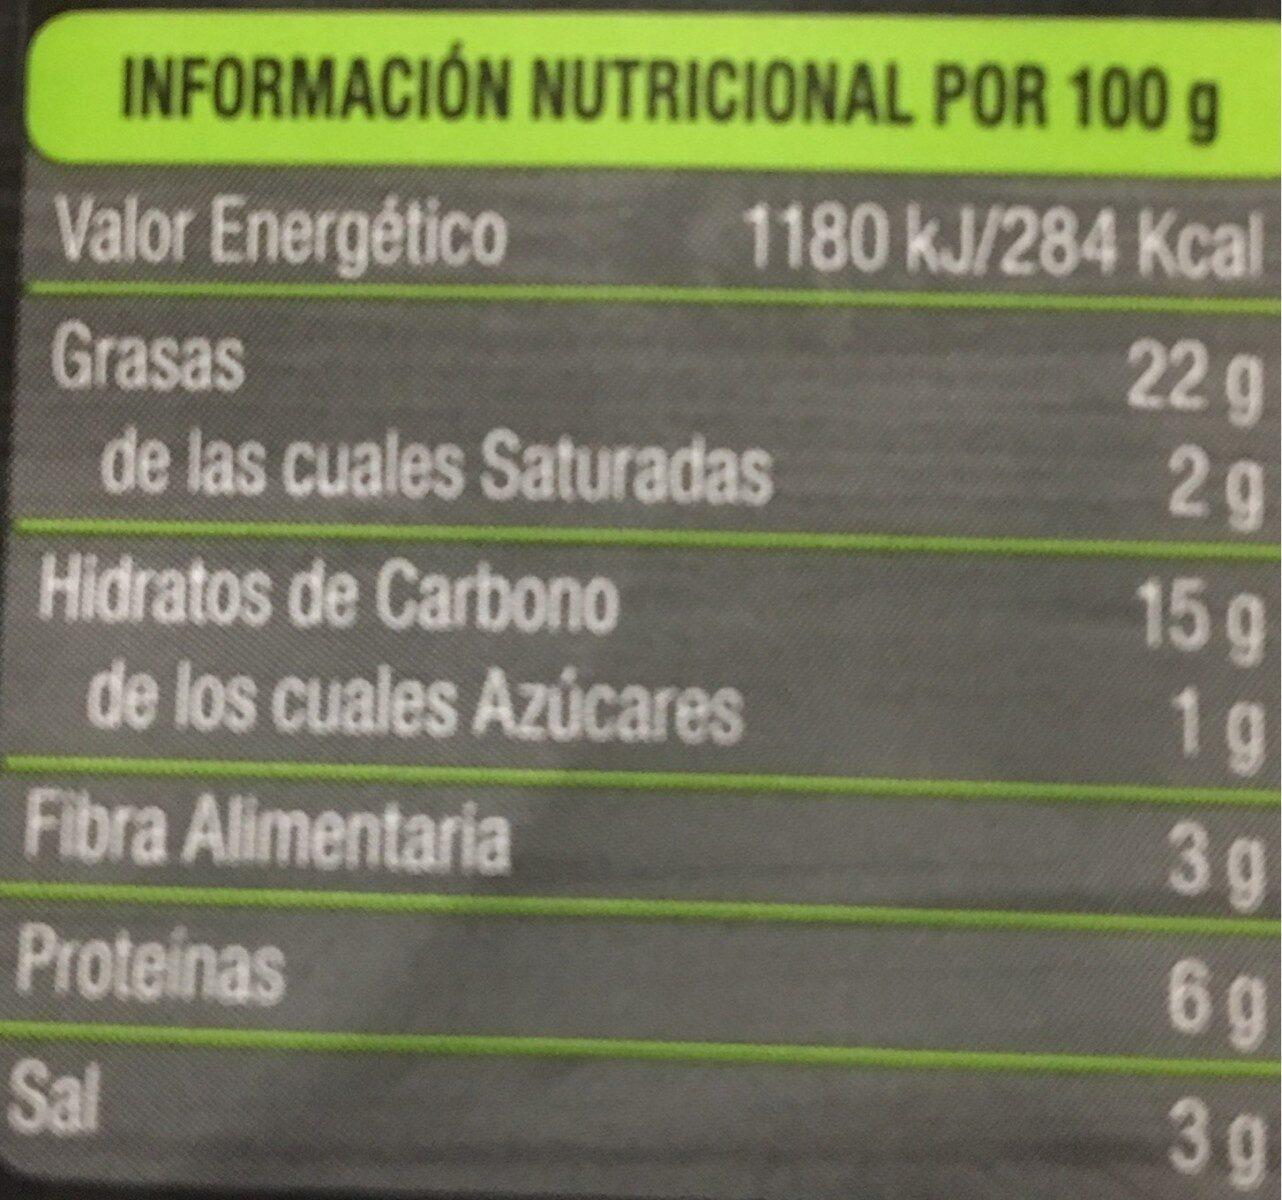 Salchi-veggie Vienesas - Nutrition facts